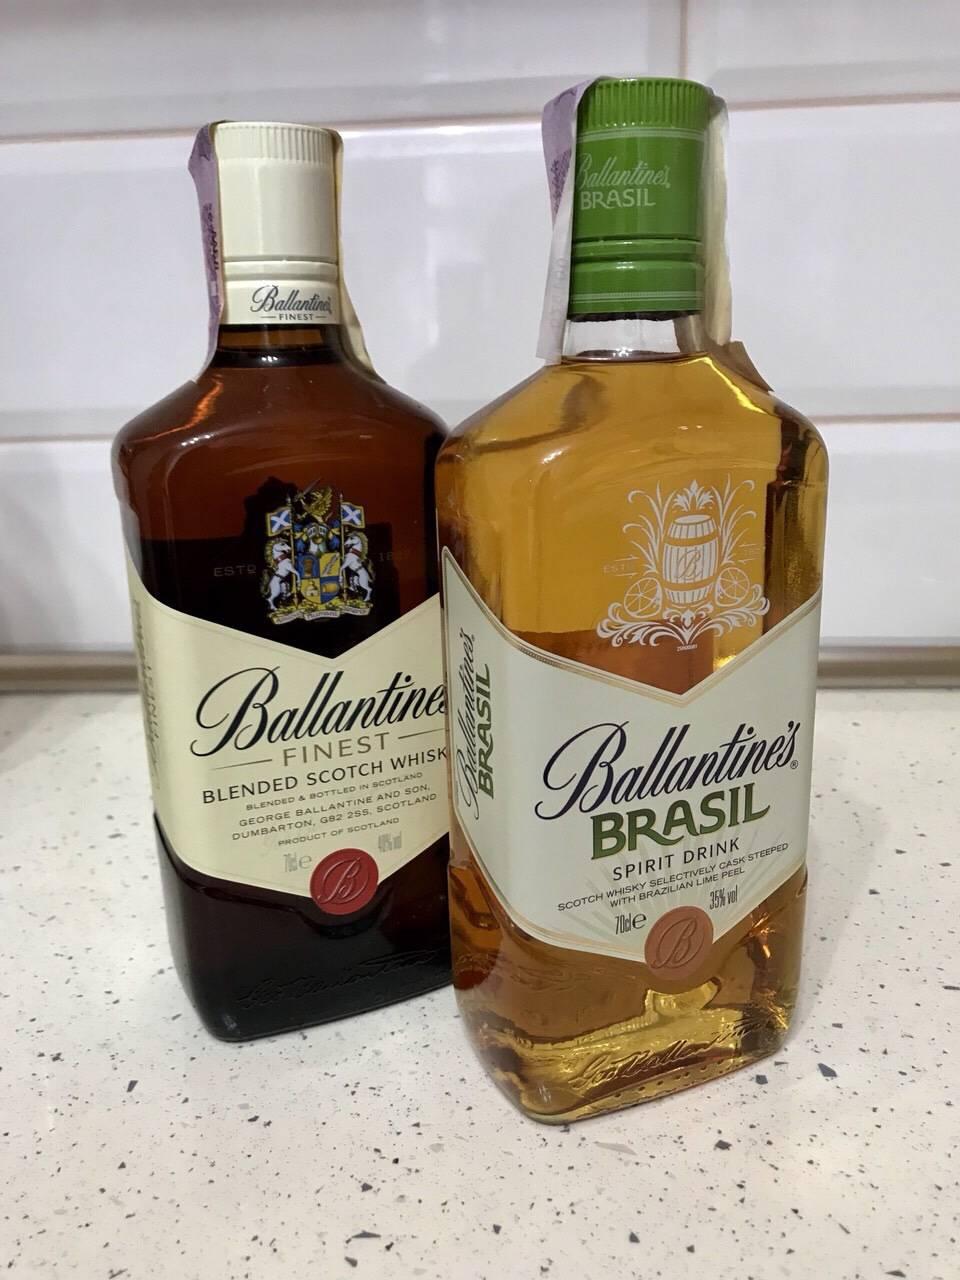 Виски Баллантайнс: отзывы покупателей